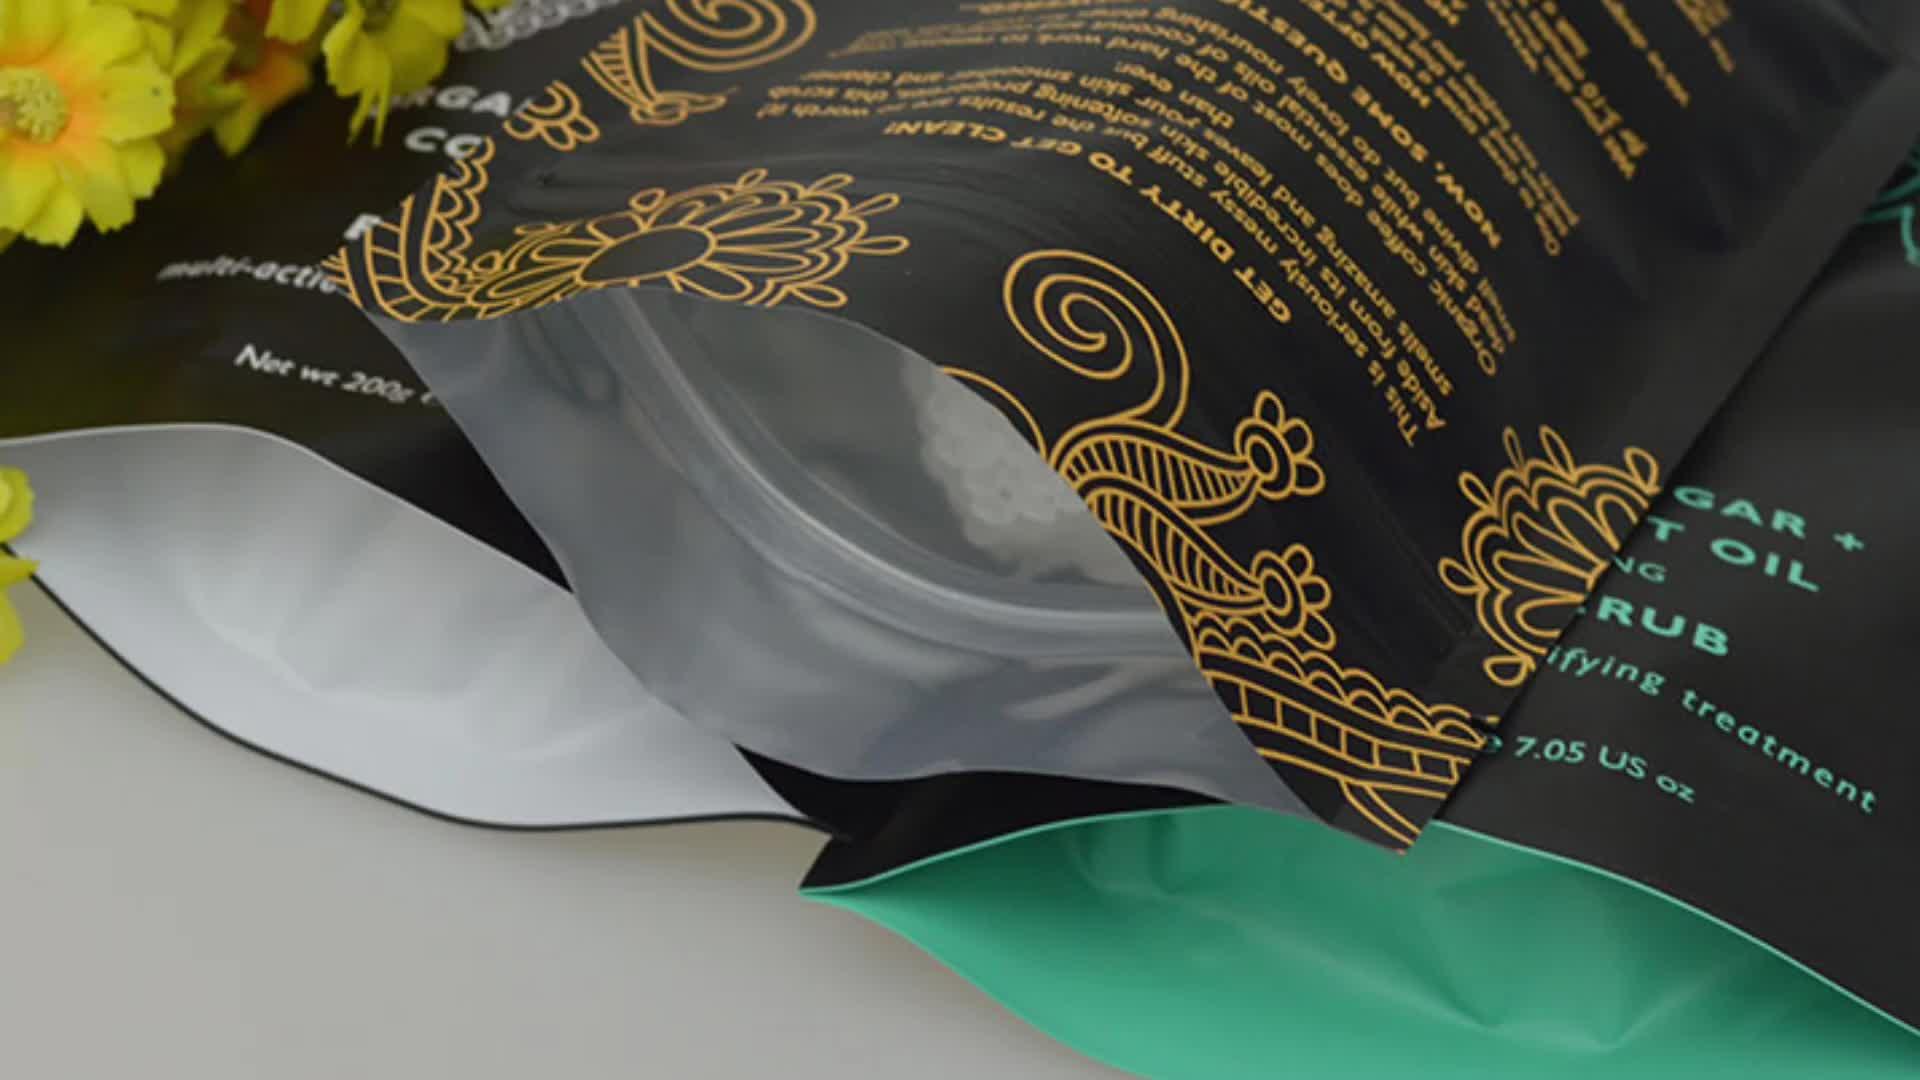 özel alüminyum folyo gıda ayağa plastik fermuarlı çanta toptan baskı